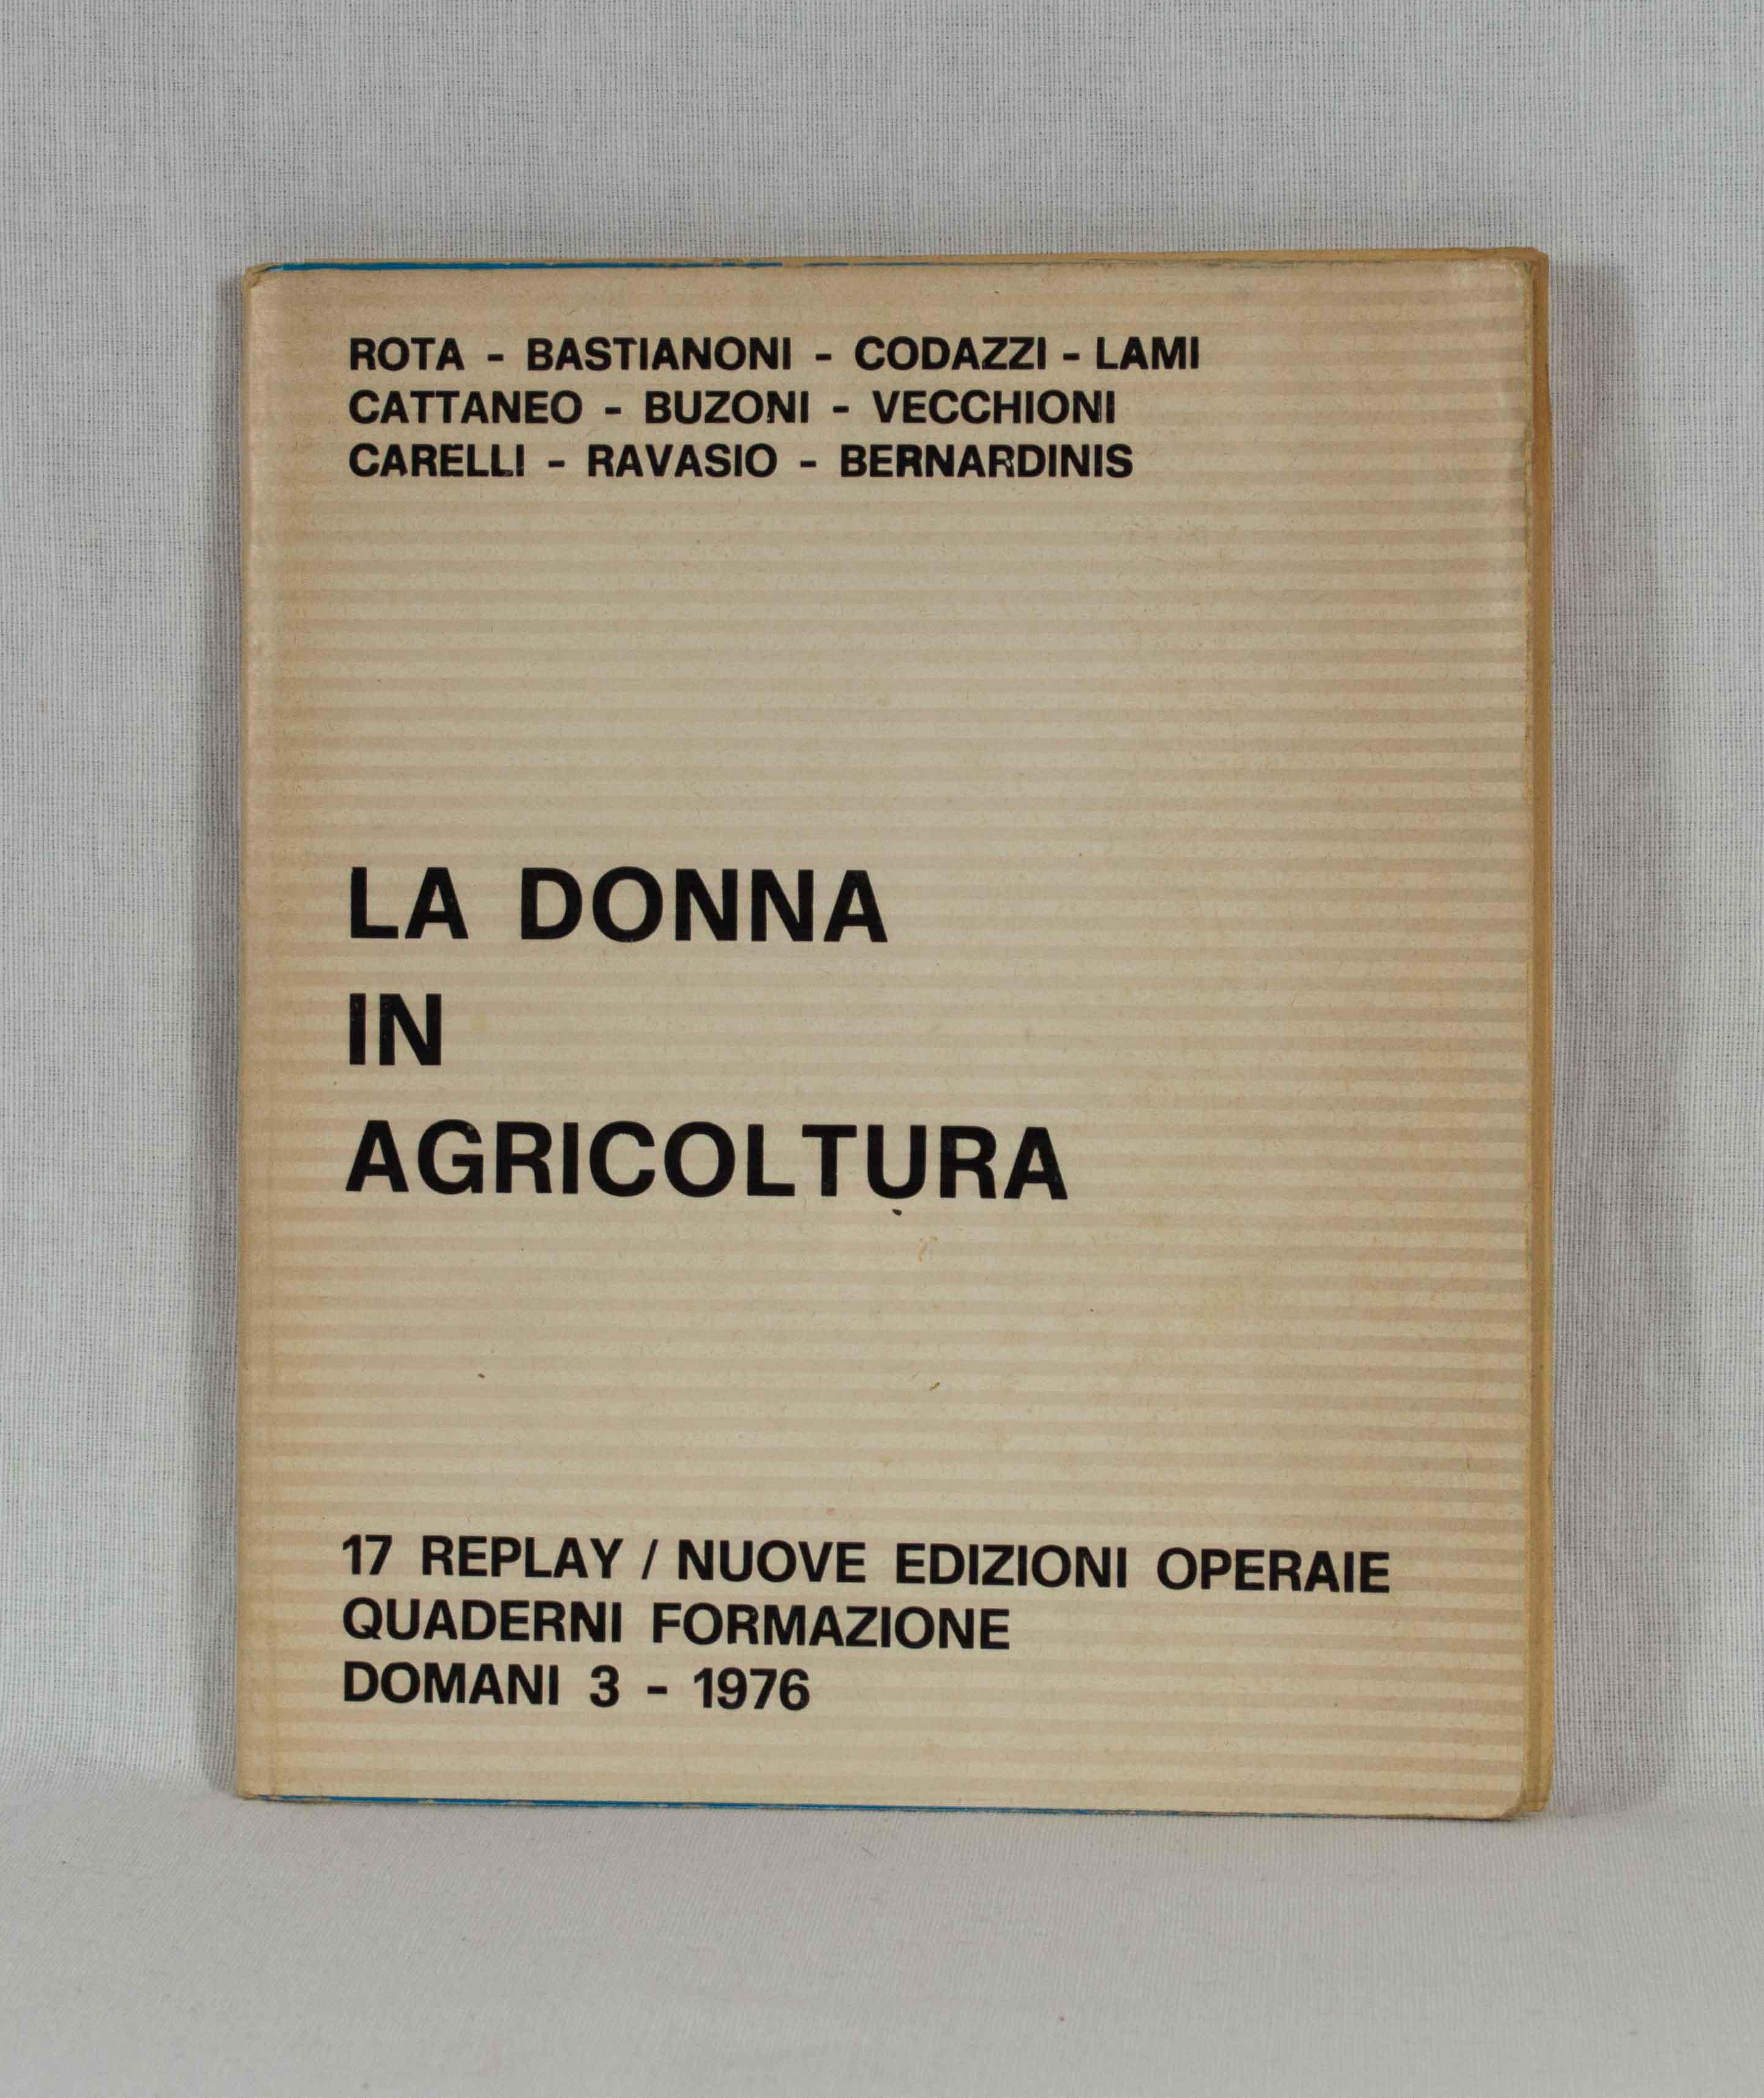 La Donna in Agricoltura: Convegno Nazionale I.A.L. - C.I.S.L. - Castrocaro Terme 25 - 26 - 27 Settembre 1975. (= 17 Replay / Quaderni Formazione Domani, N. 3 - 1976).